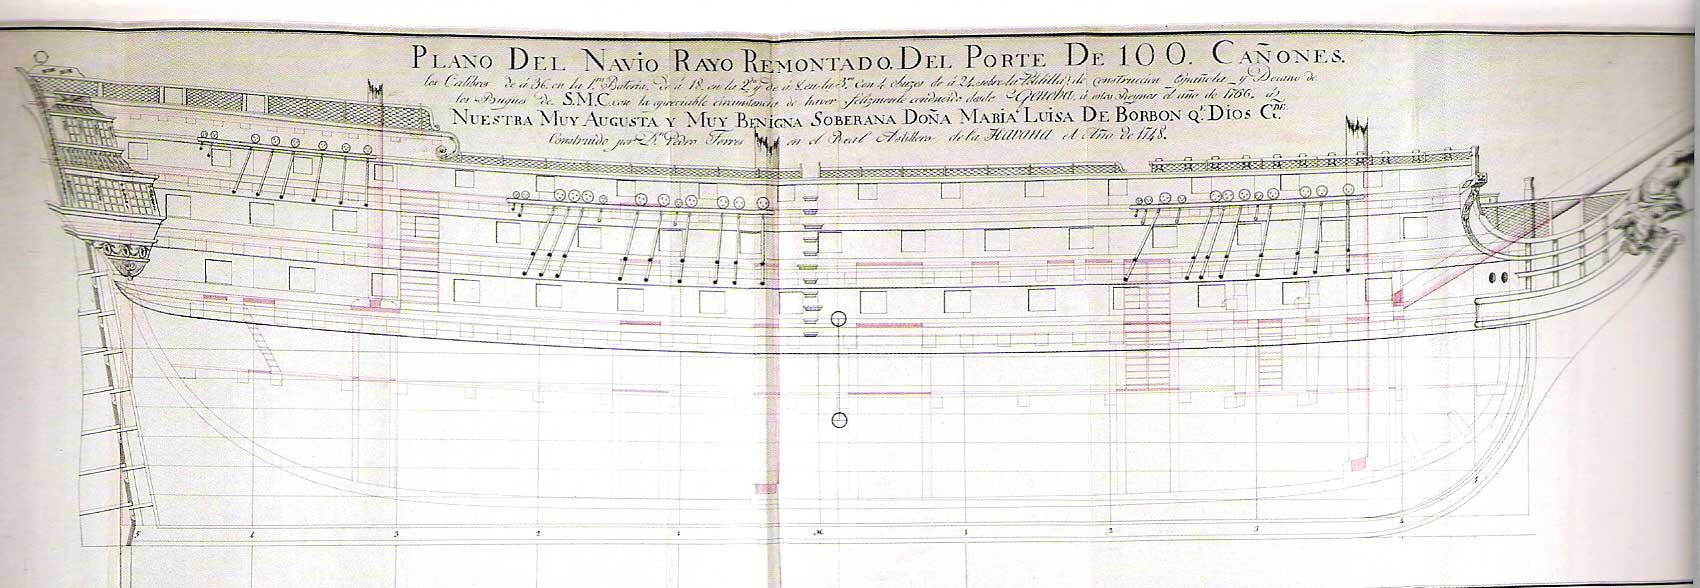 plano del navío Rayo remontado a 100 cañones, en 1805. Real Biblioteca. Madrid.